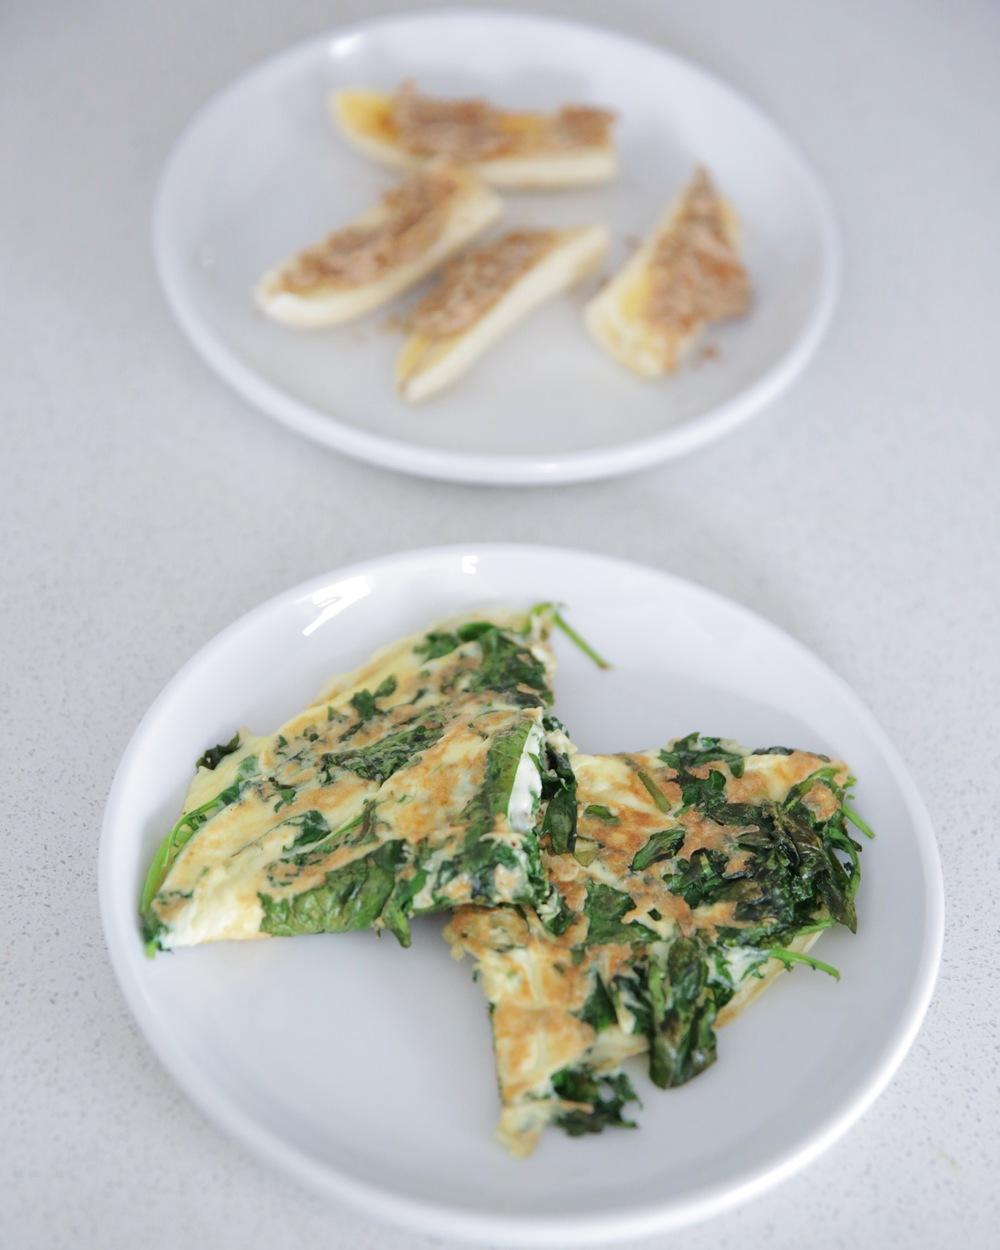 LaurenSchwaiger-Healthy-Life-Style-Blog-Clean-Breakfast-Inspiration.jpg